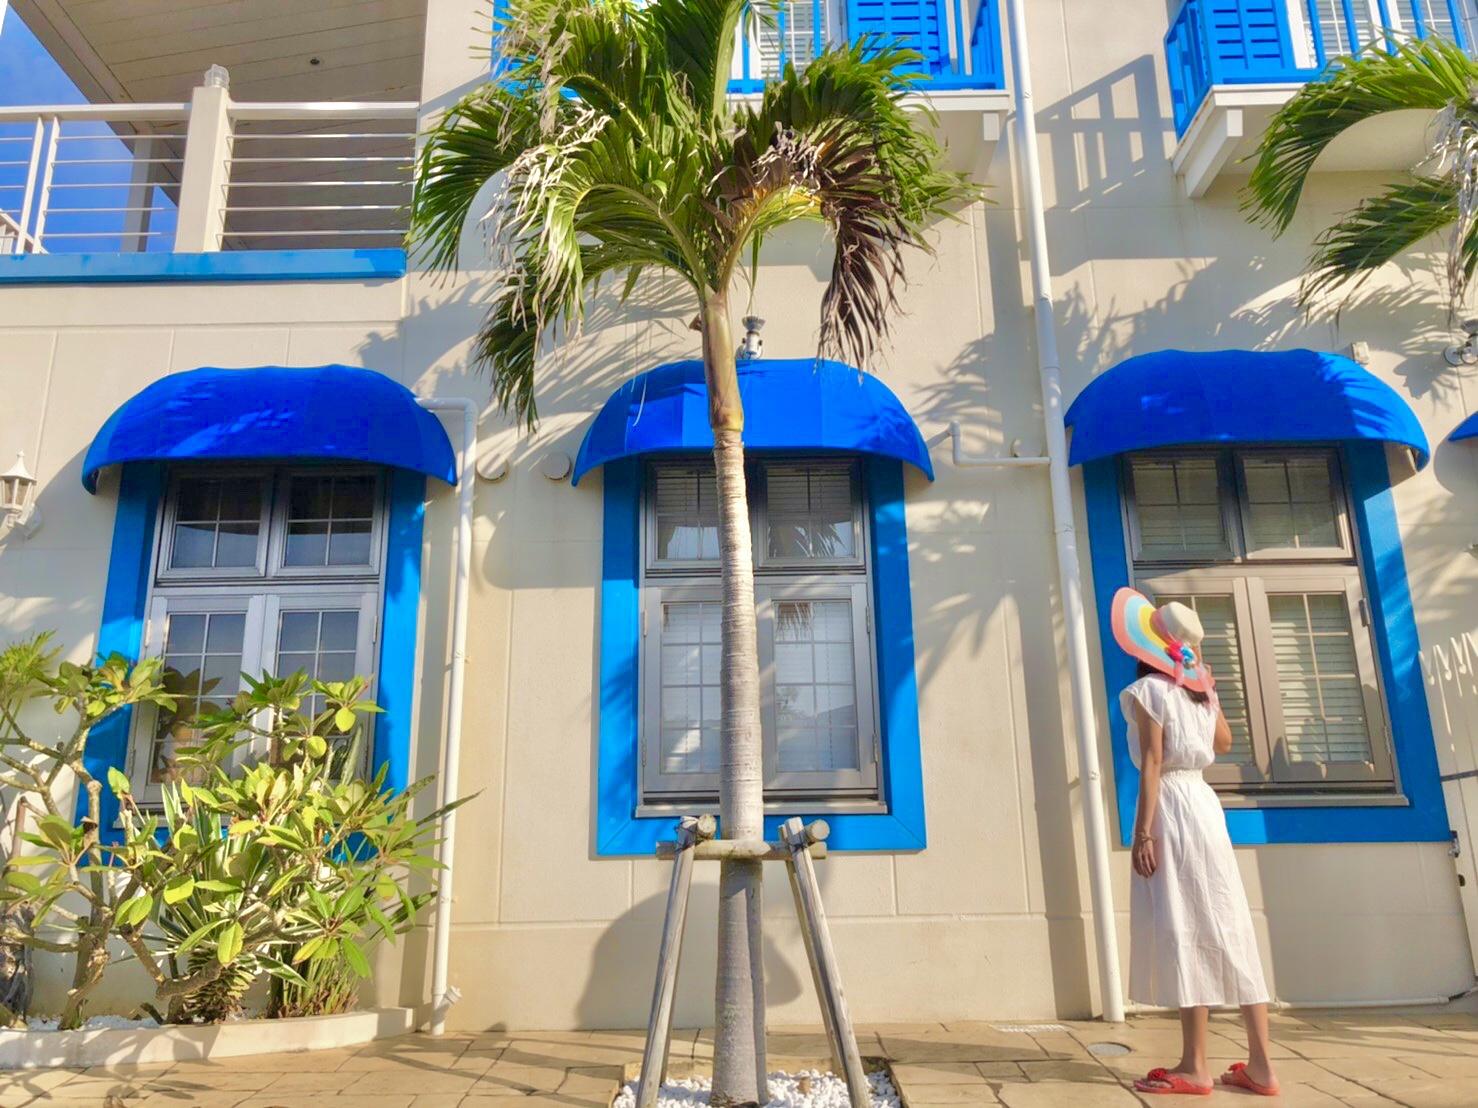 沖縄のフォトスポットはここだ‼︎《アメリカンビレッジ周辺編》_2